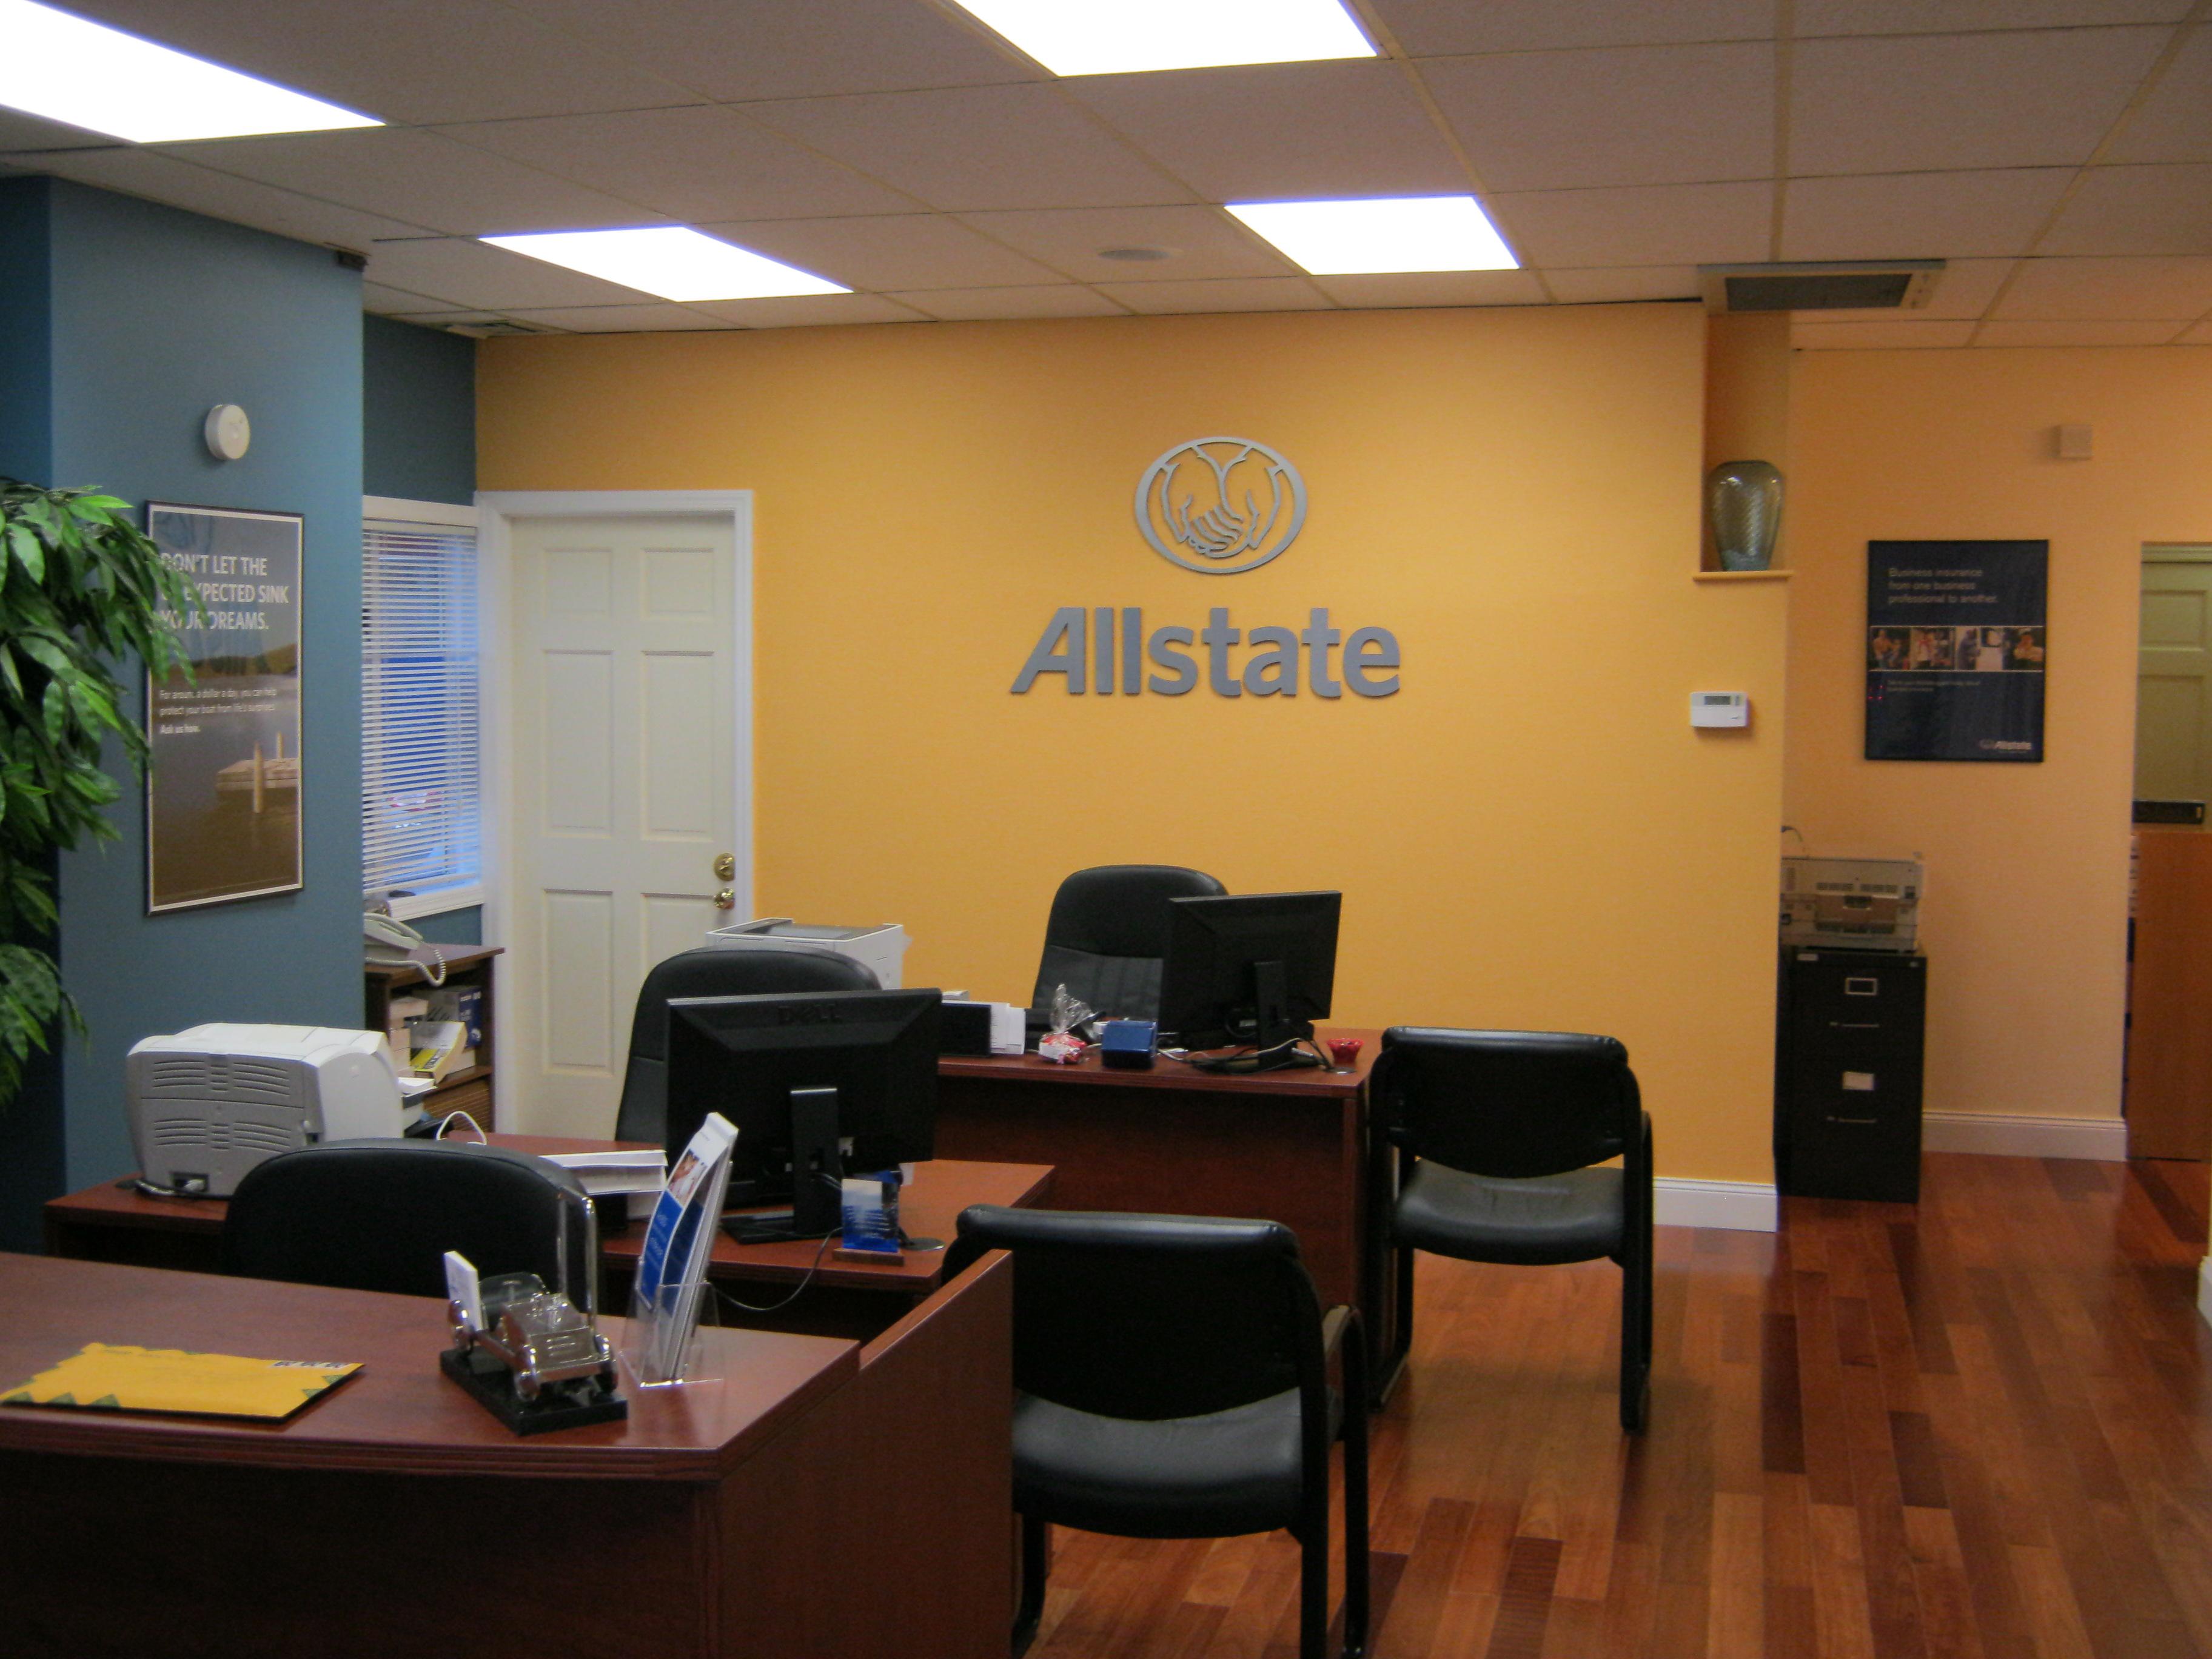 Salvatore Ferrante: Allstate Insurance image 5